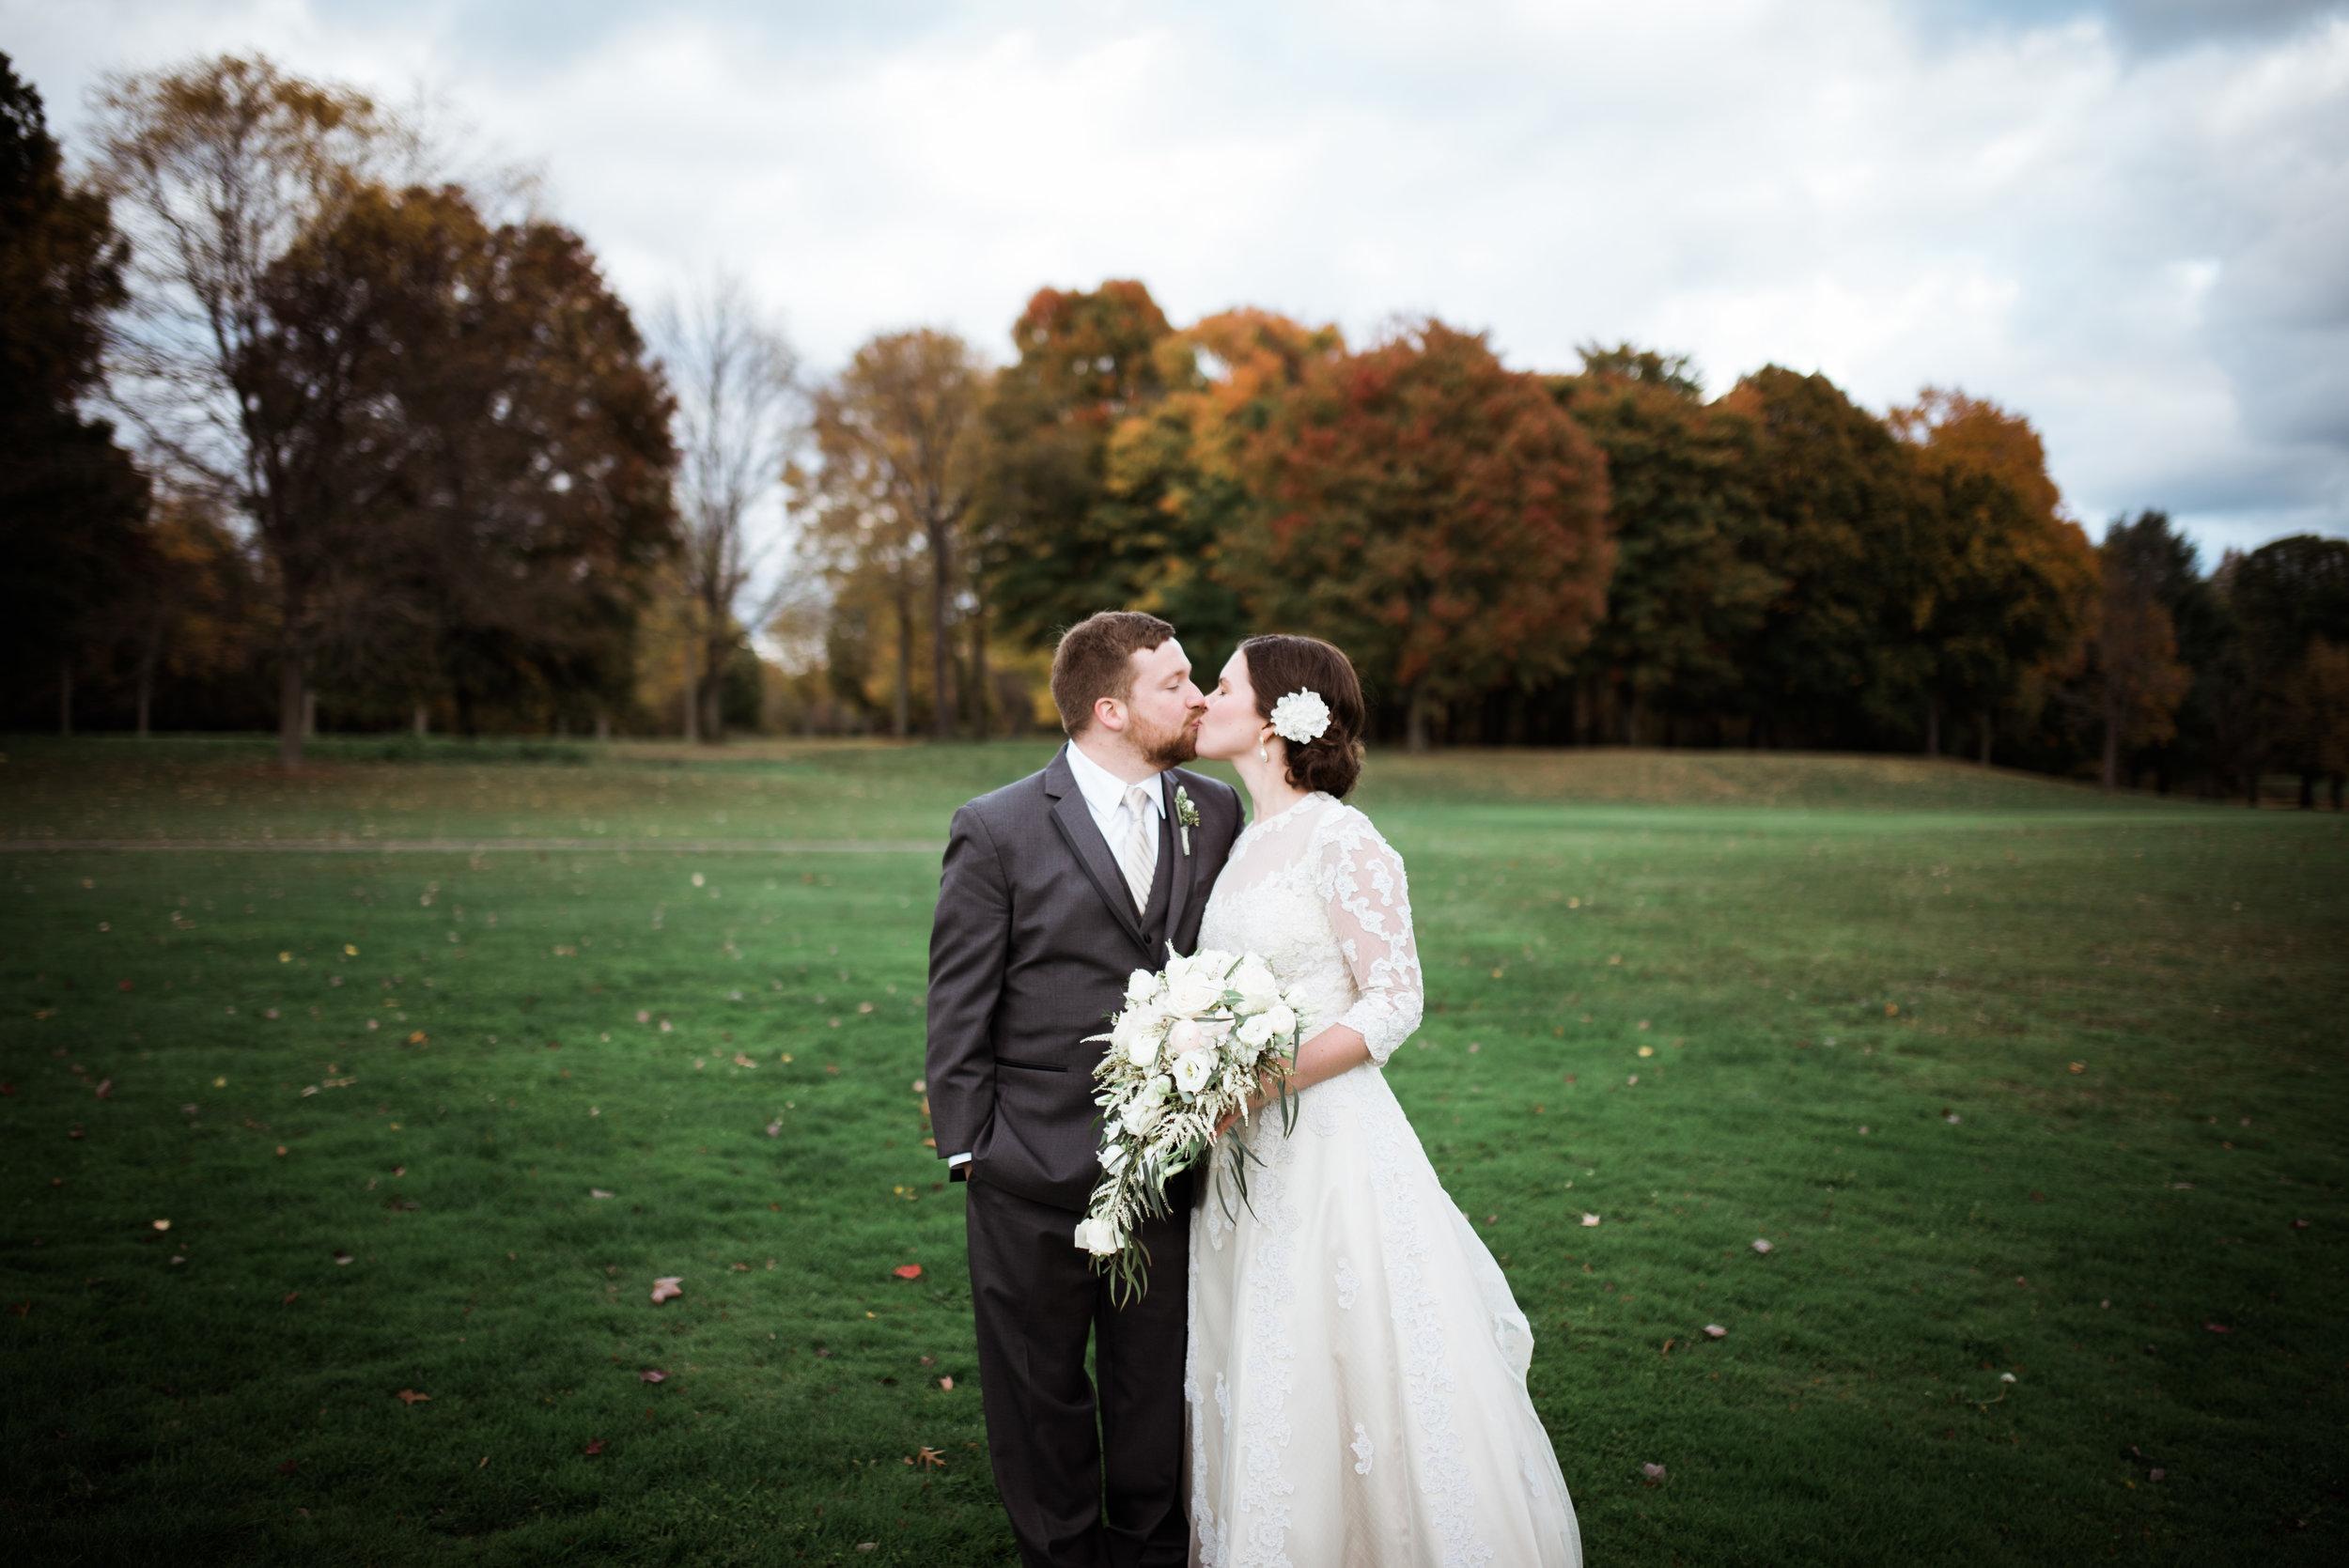 woodcock wedding451.JPG